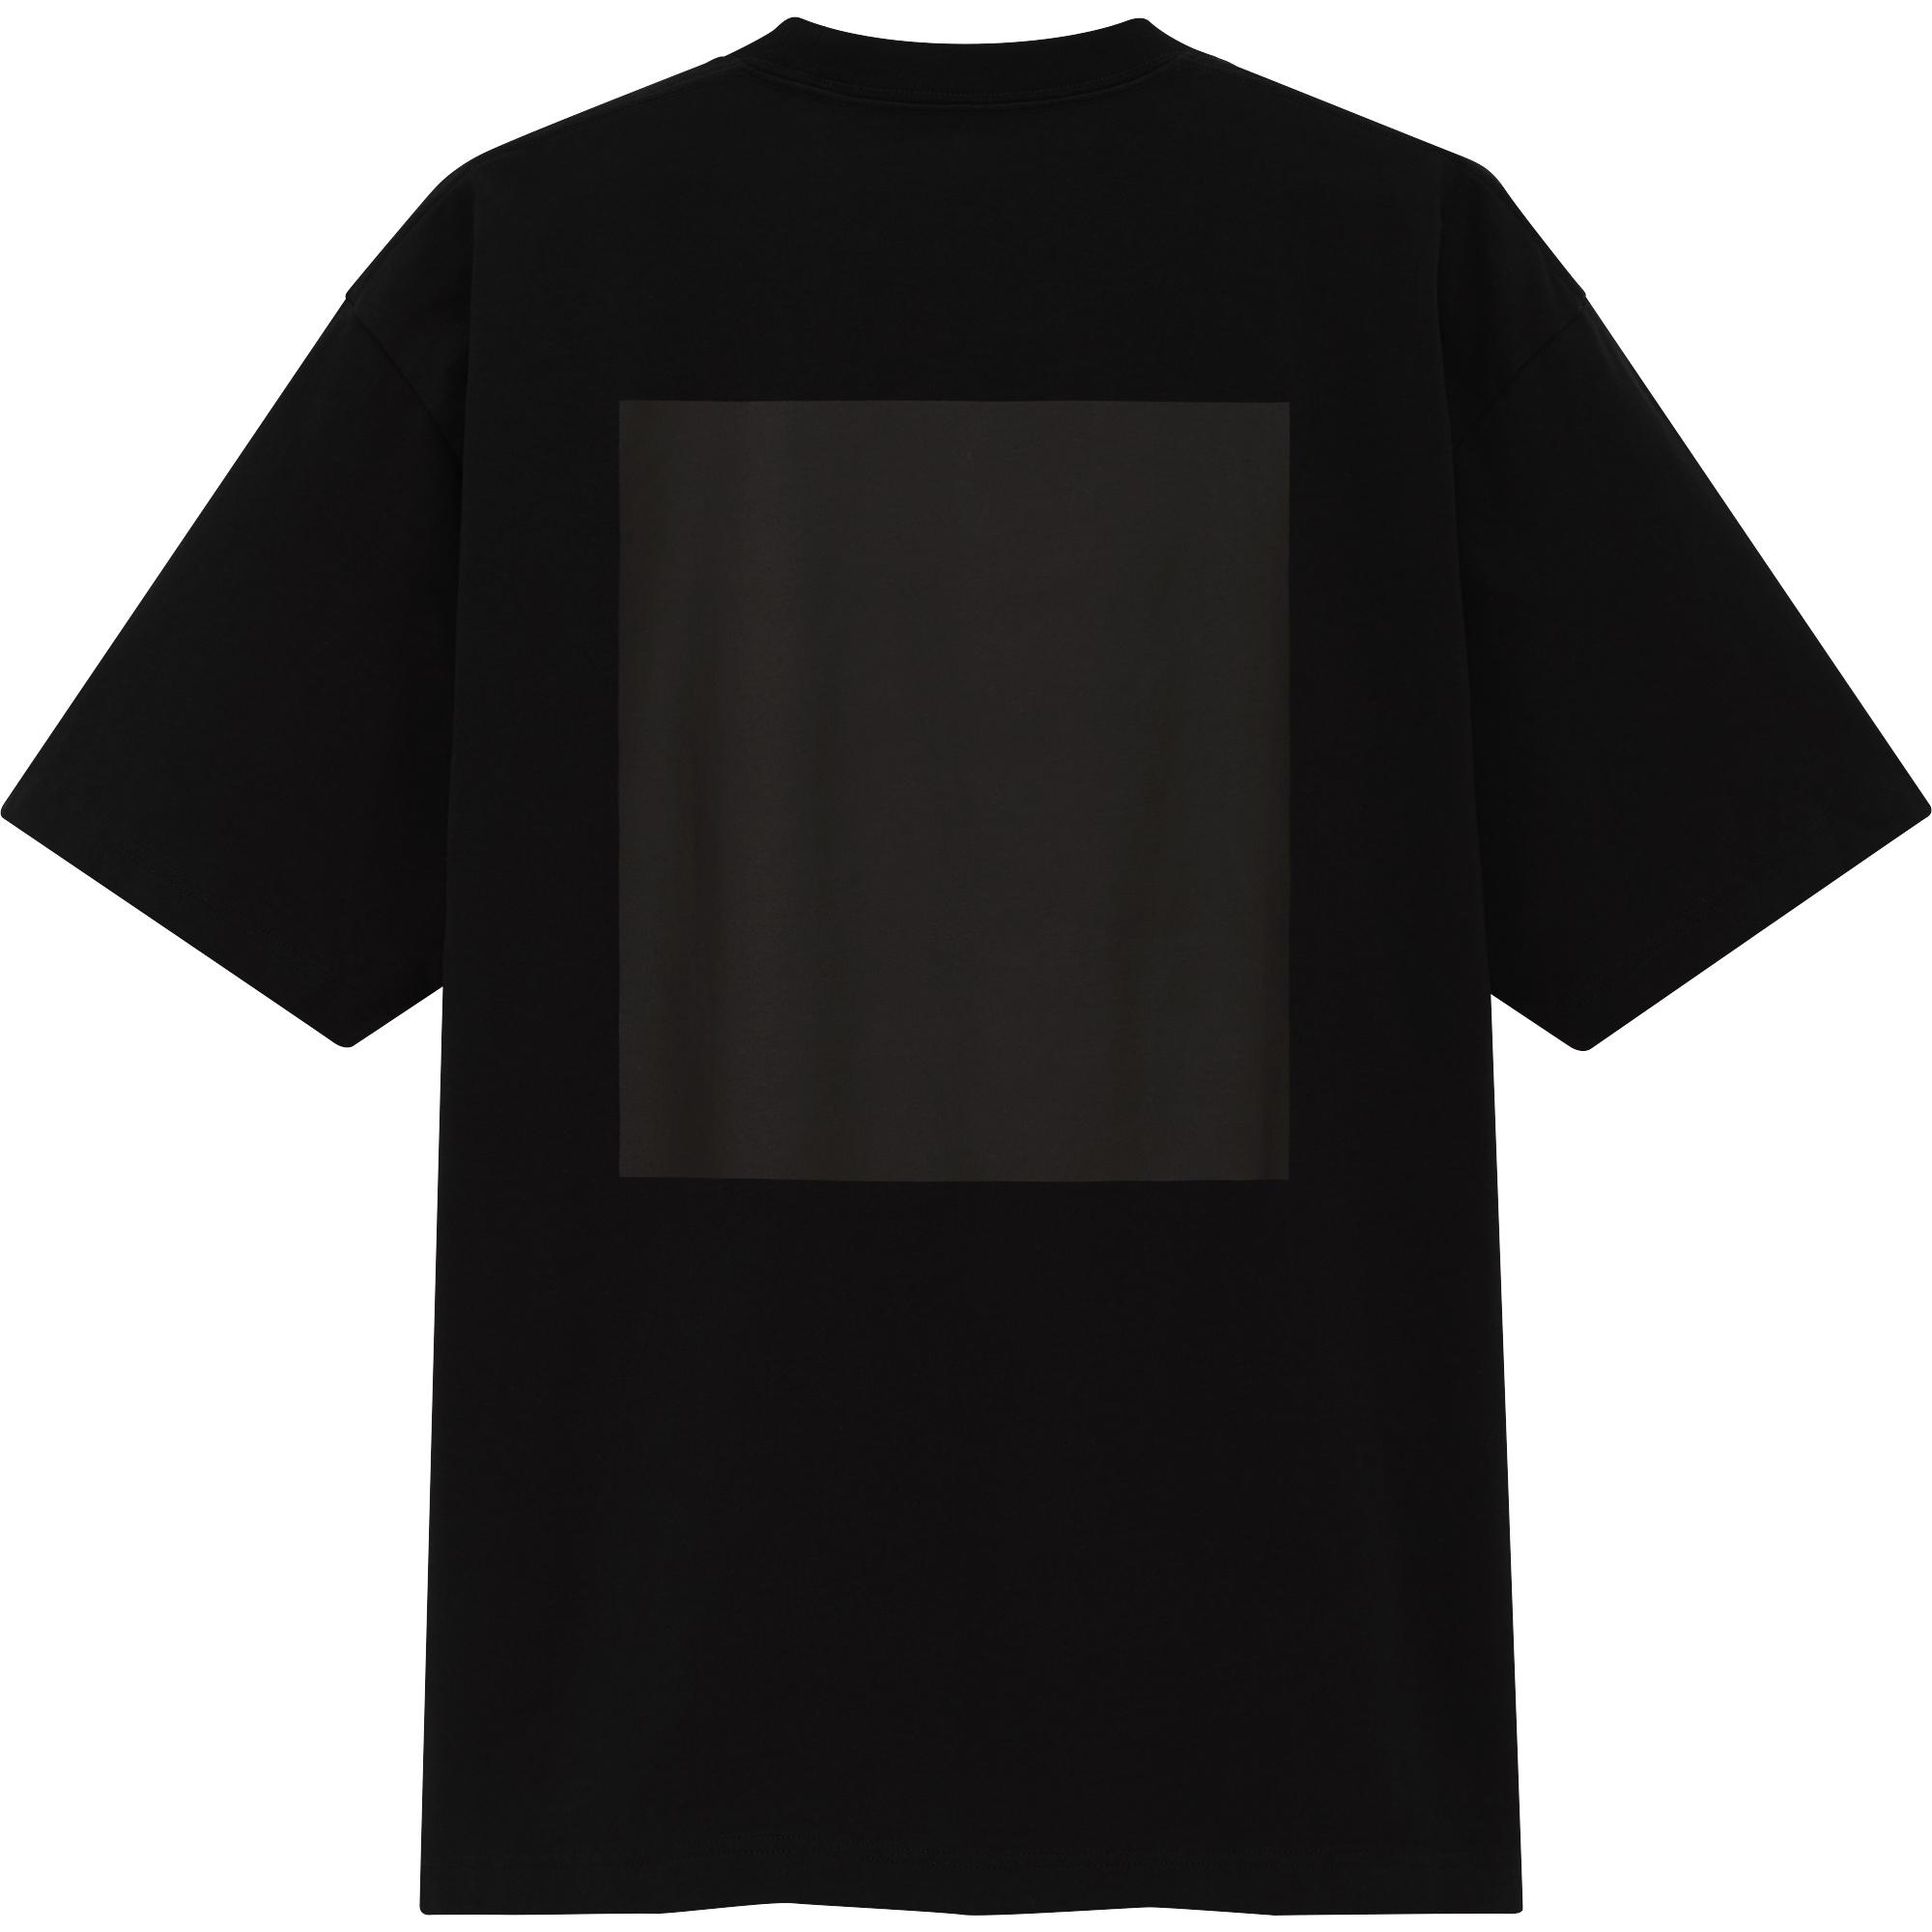 米津玄師×UT_TシャツD2